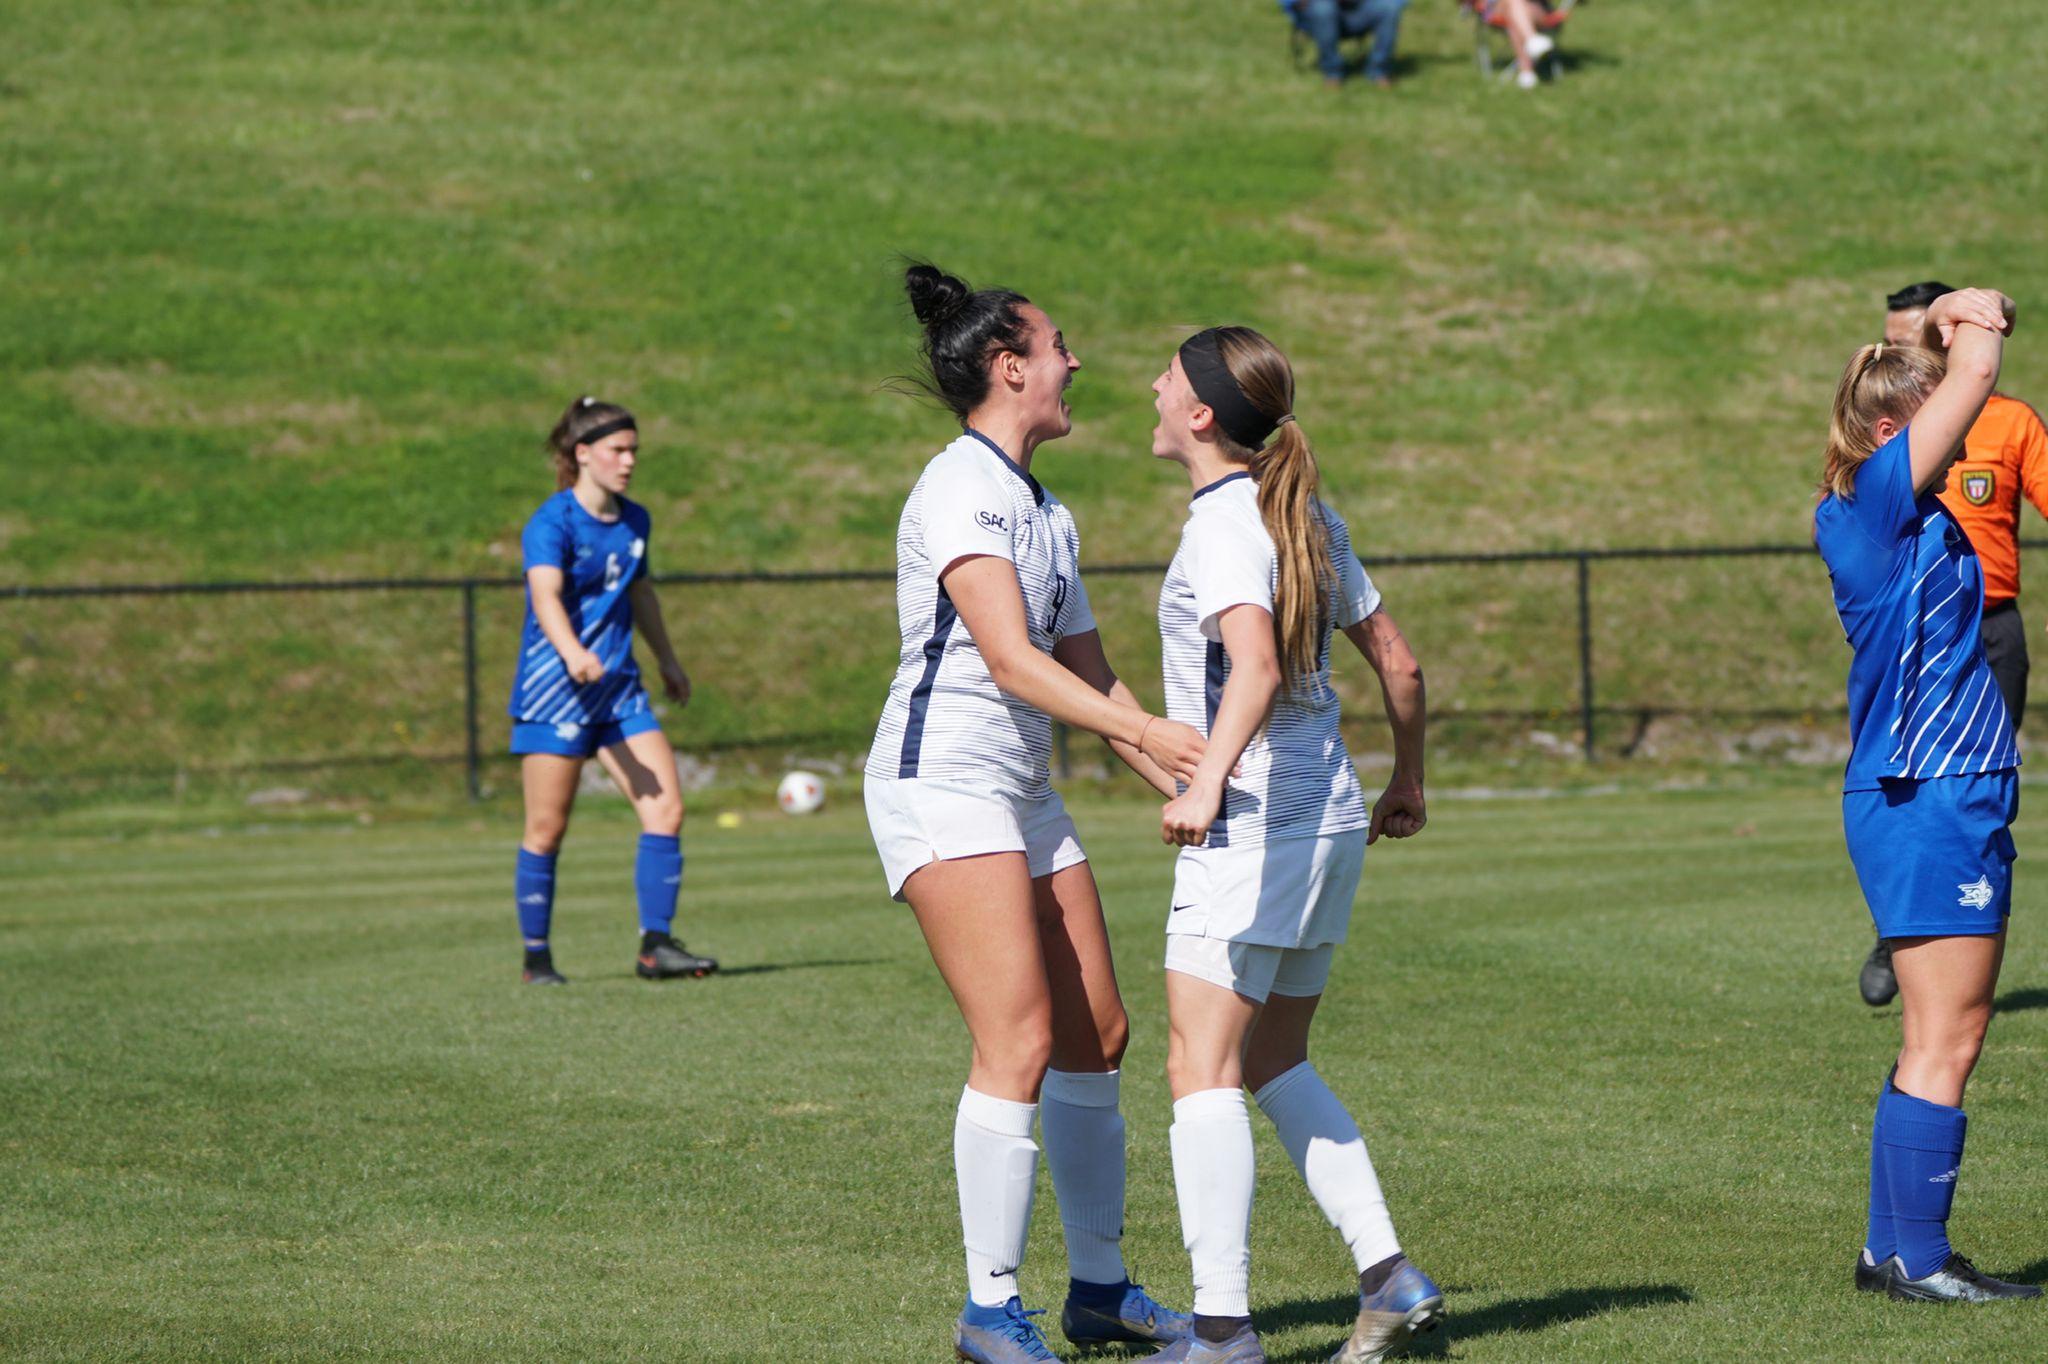 Alda celebrando un gol con una compañera de equipo